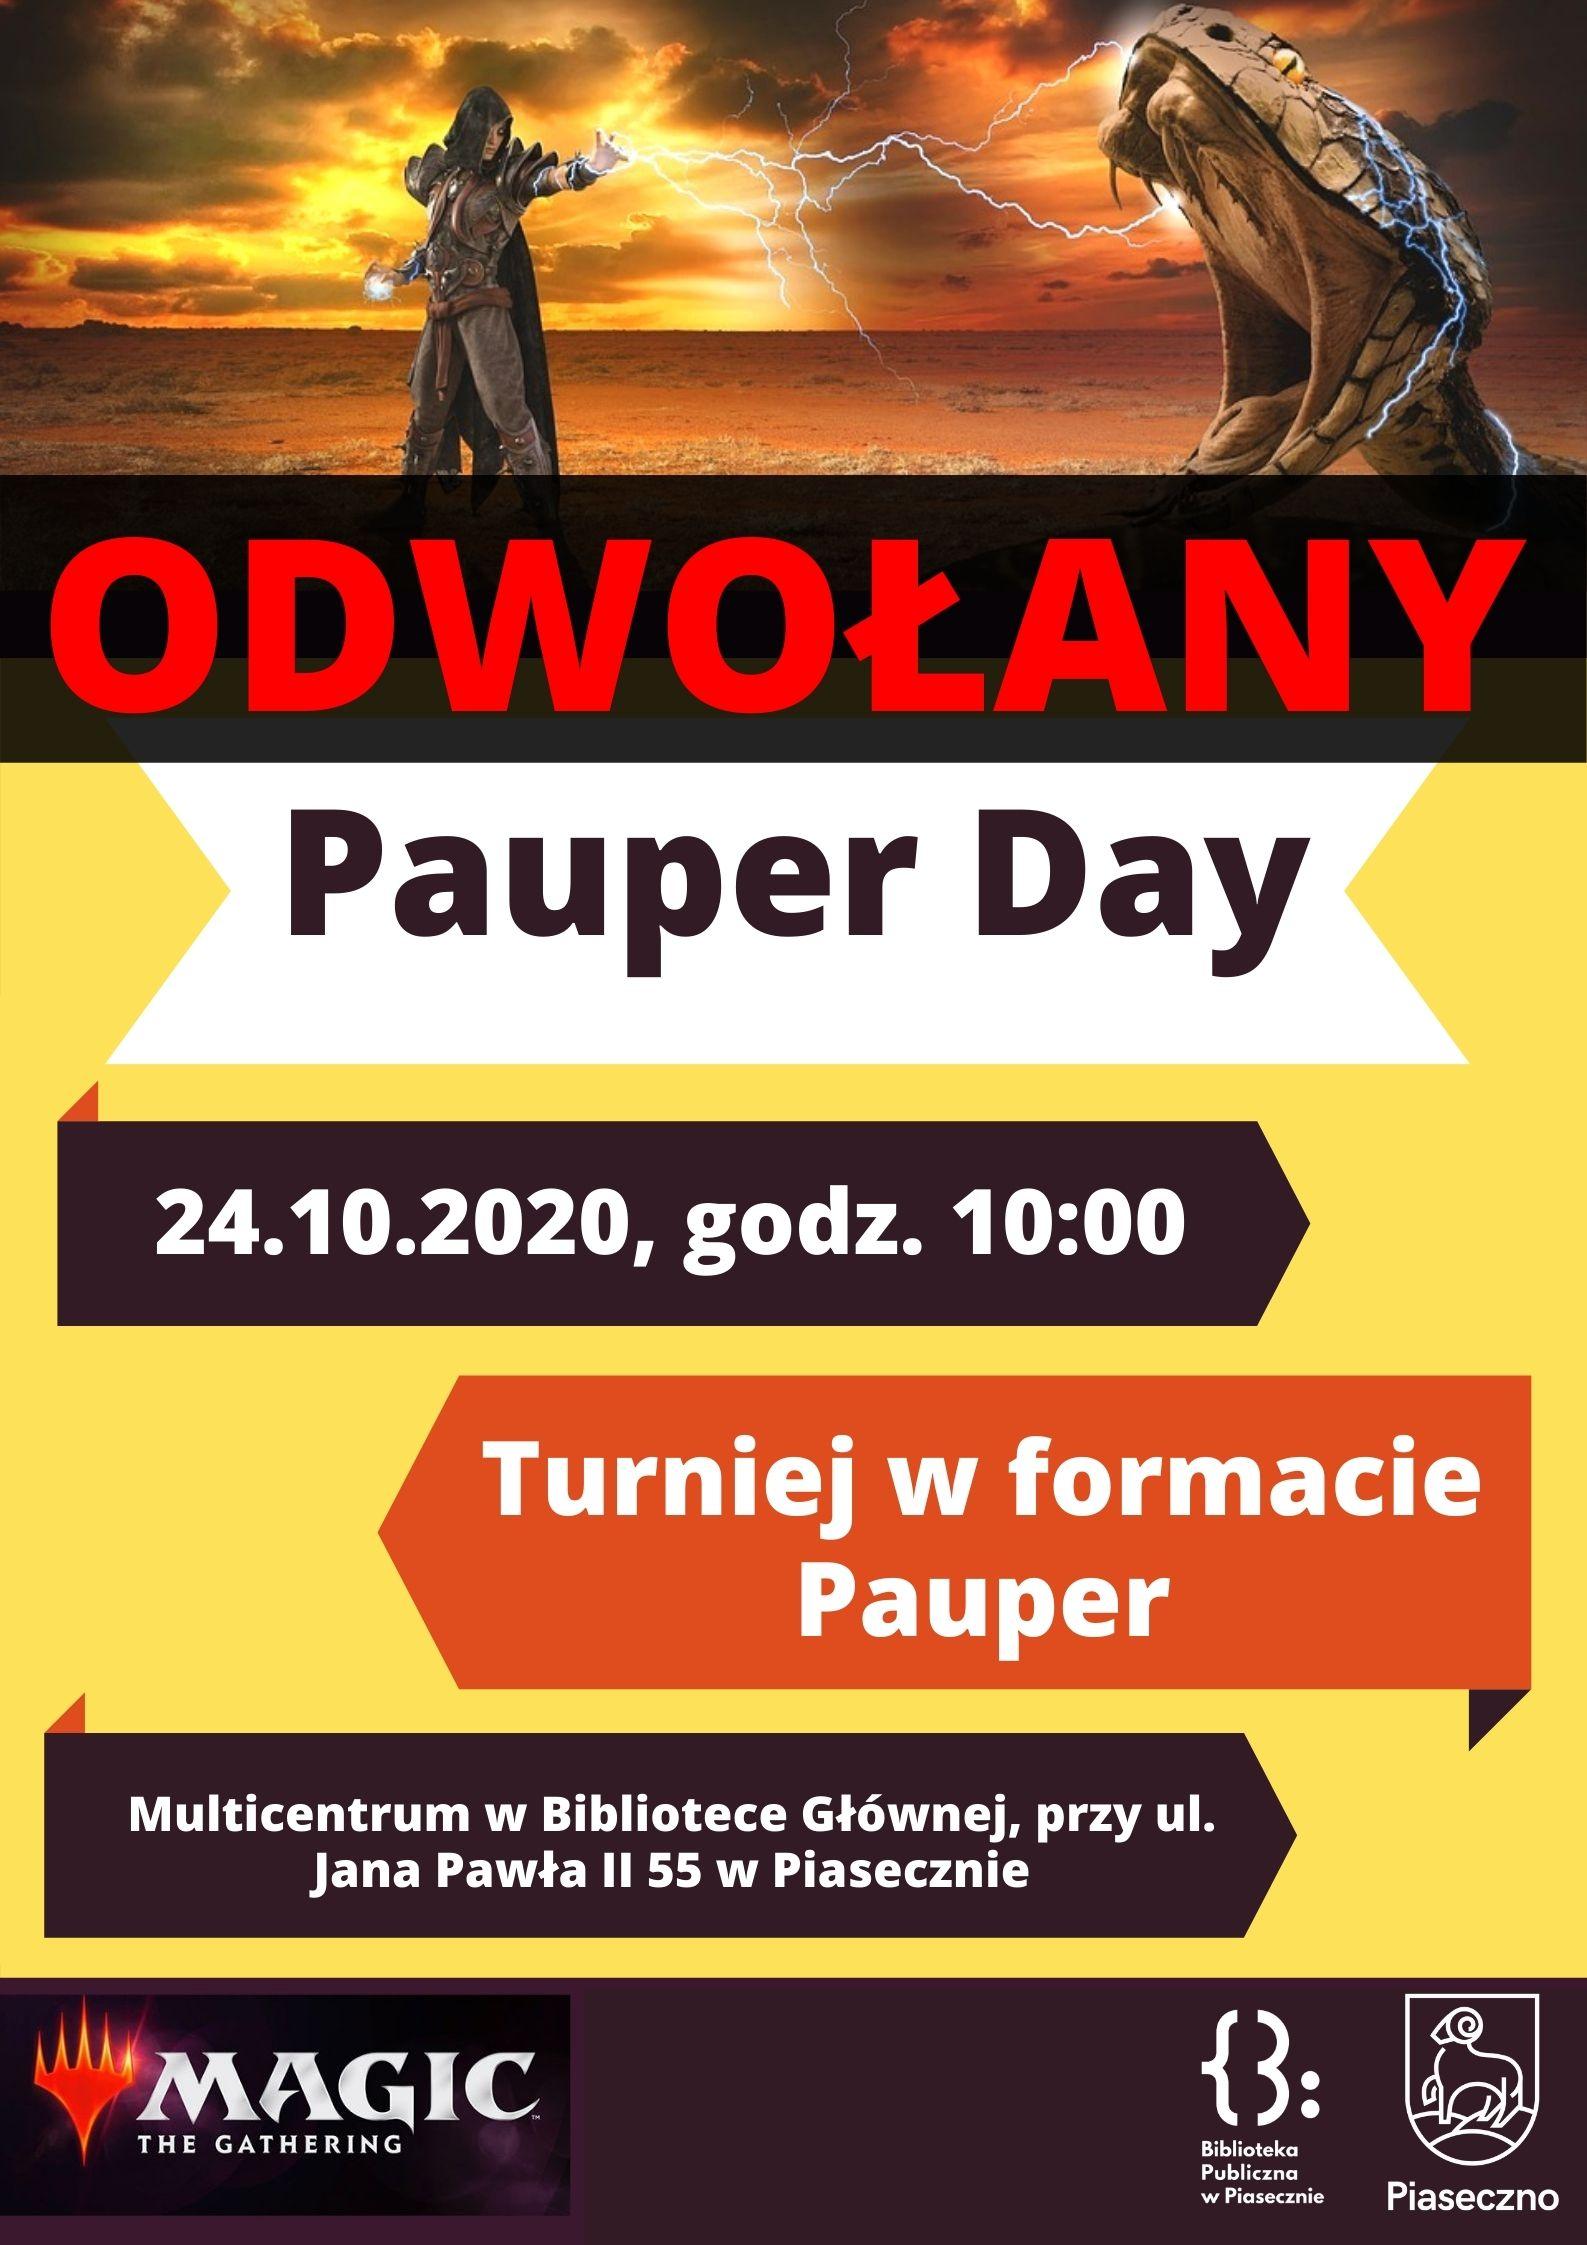 Plakat - odwołany Pauper Day